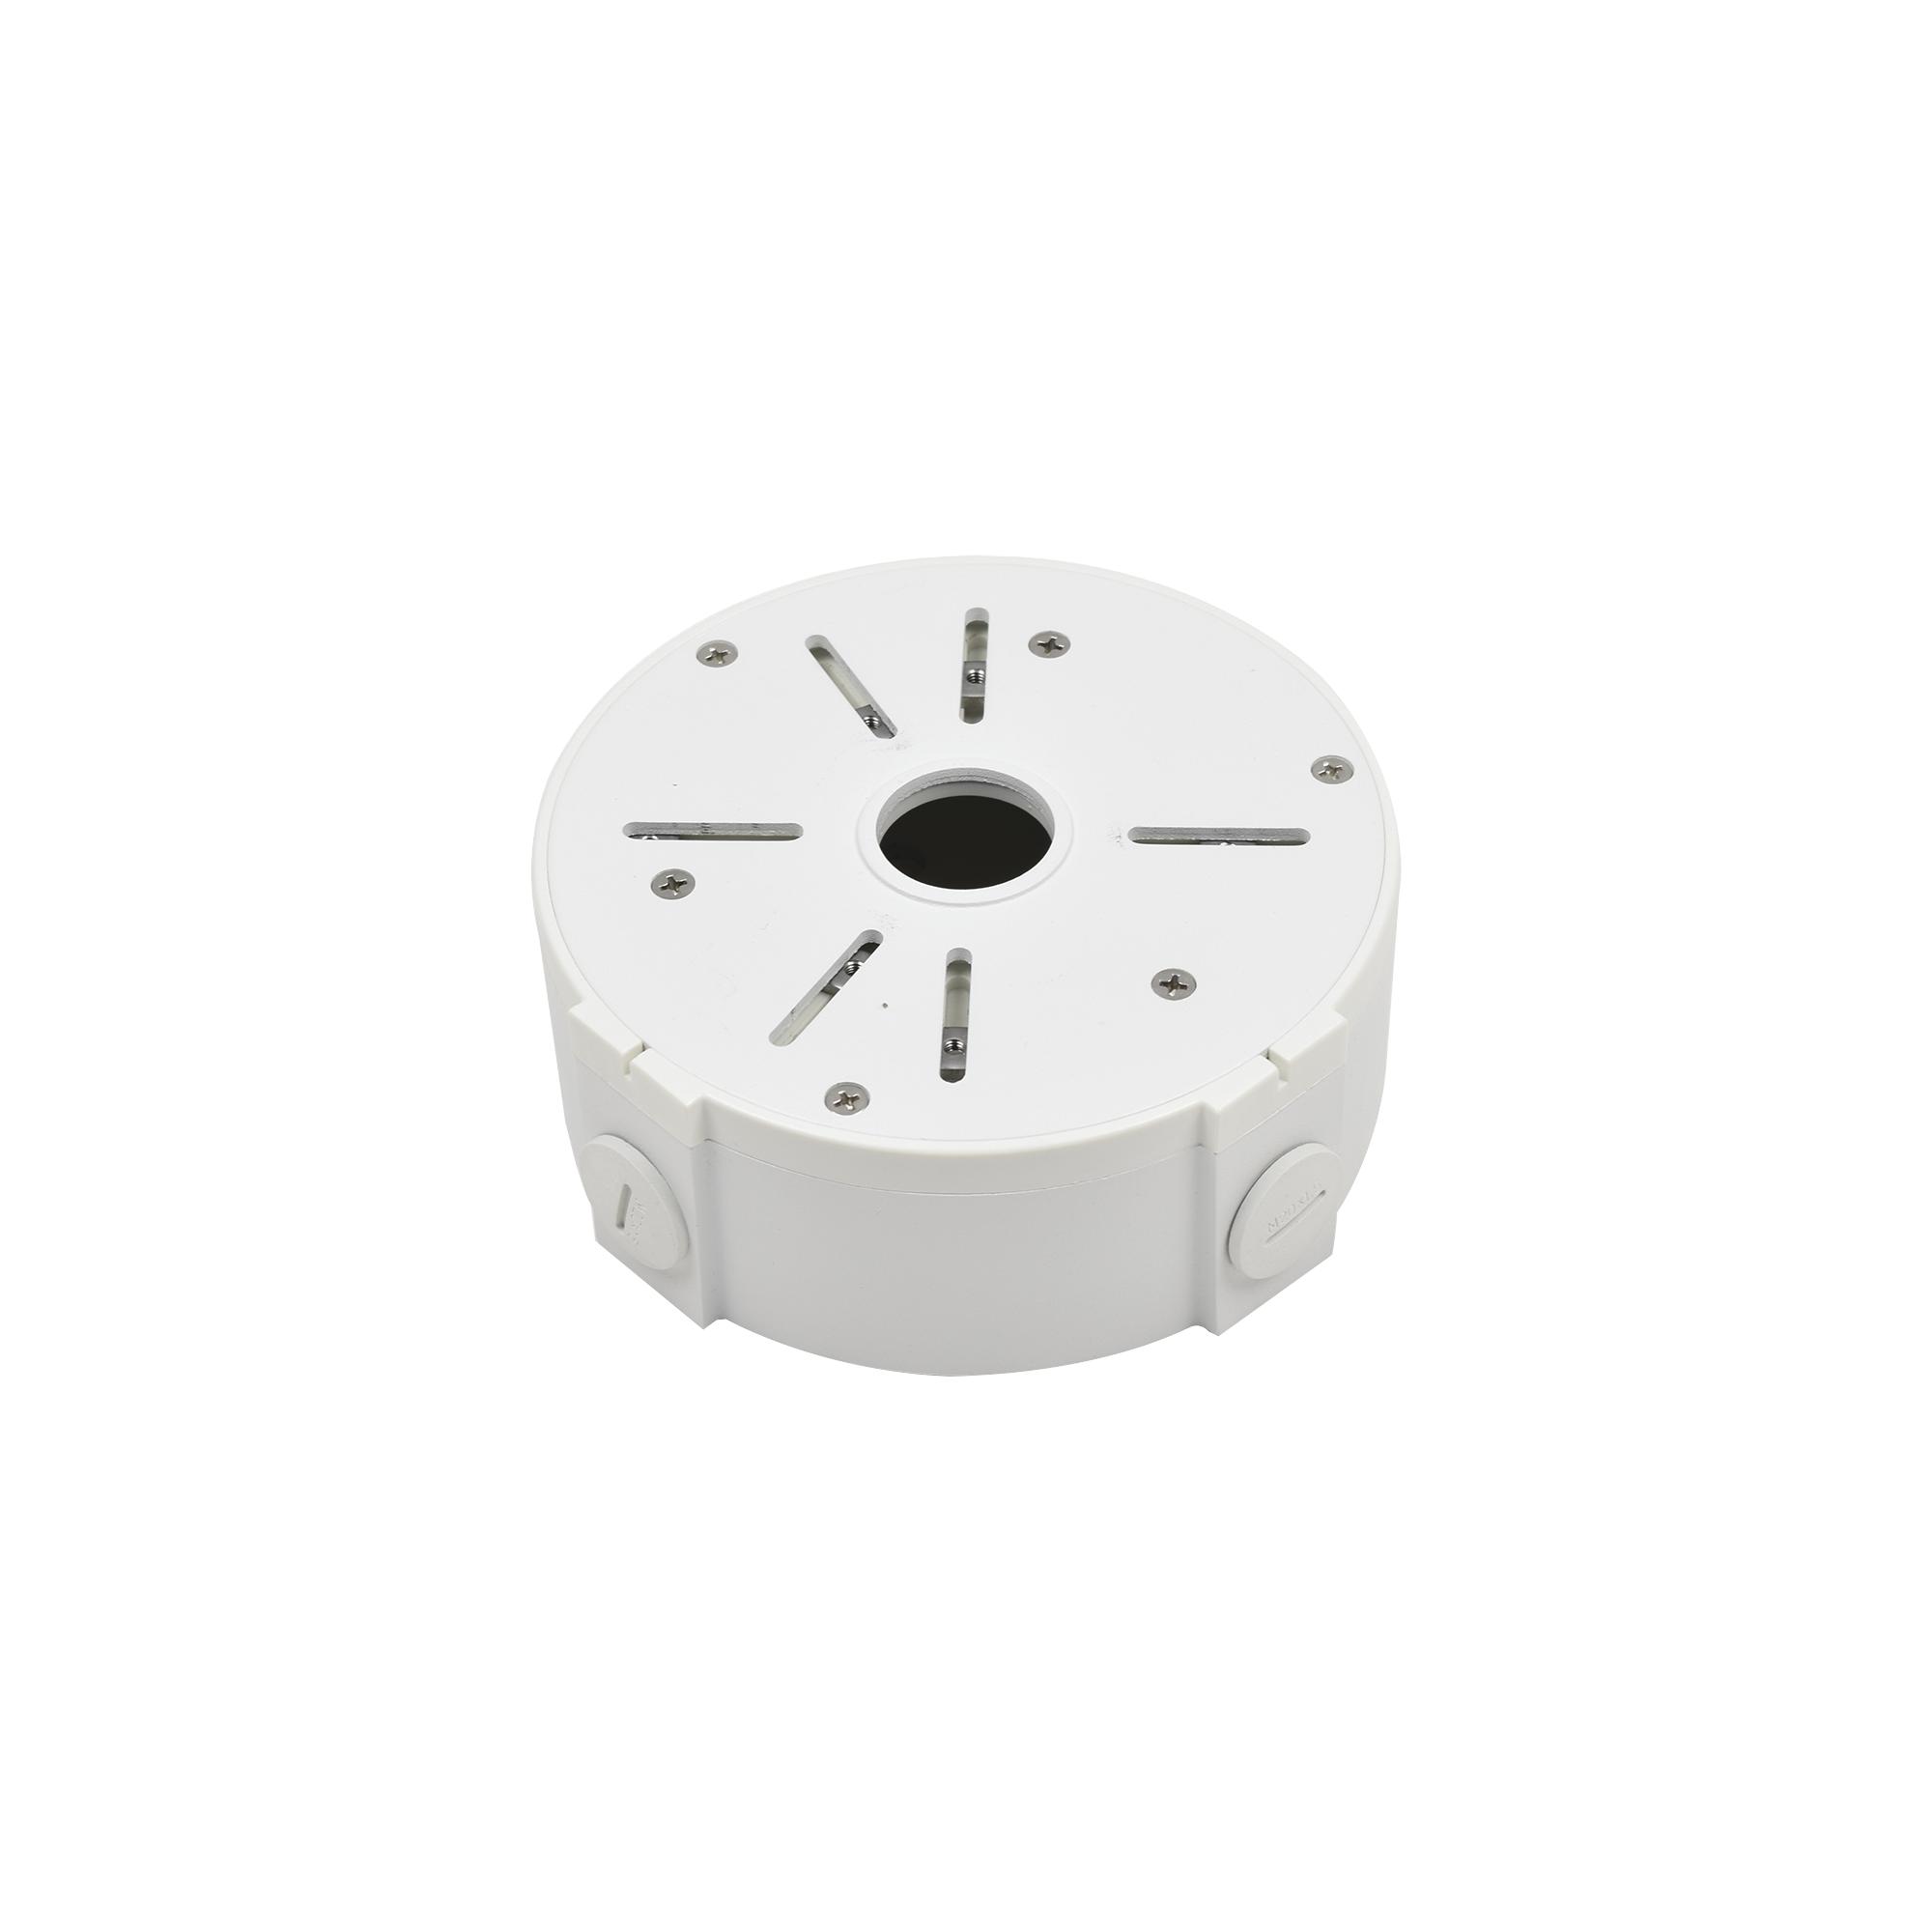 Caja de conexiones universal para uso interior fabricada en metal